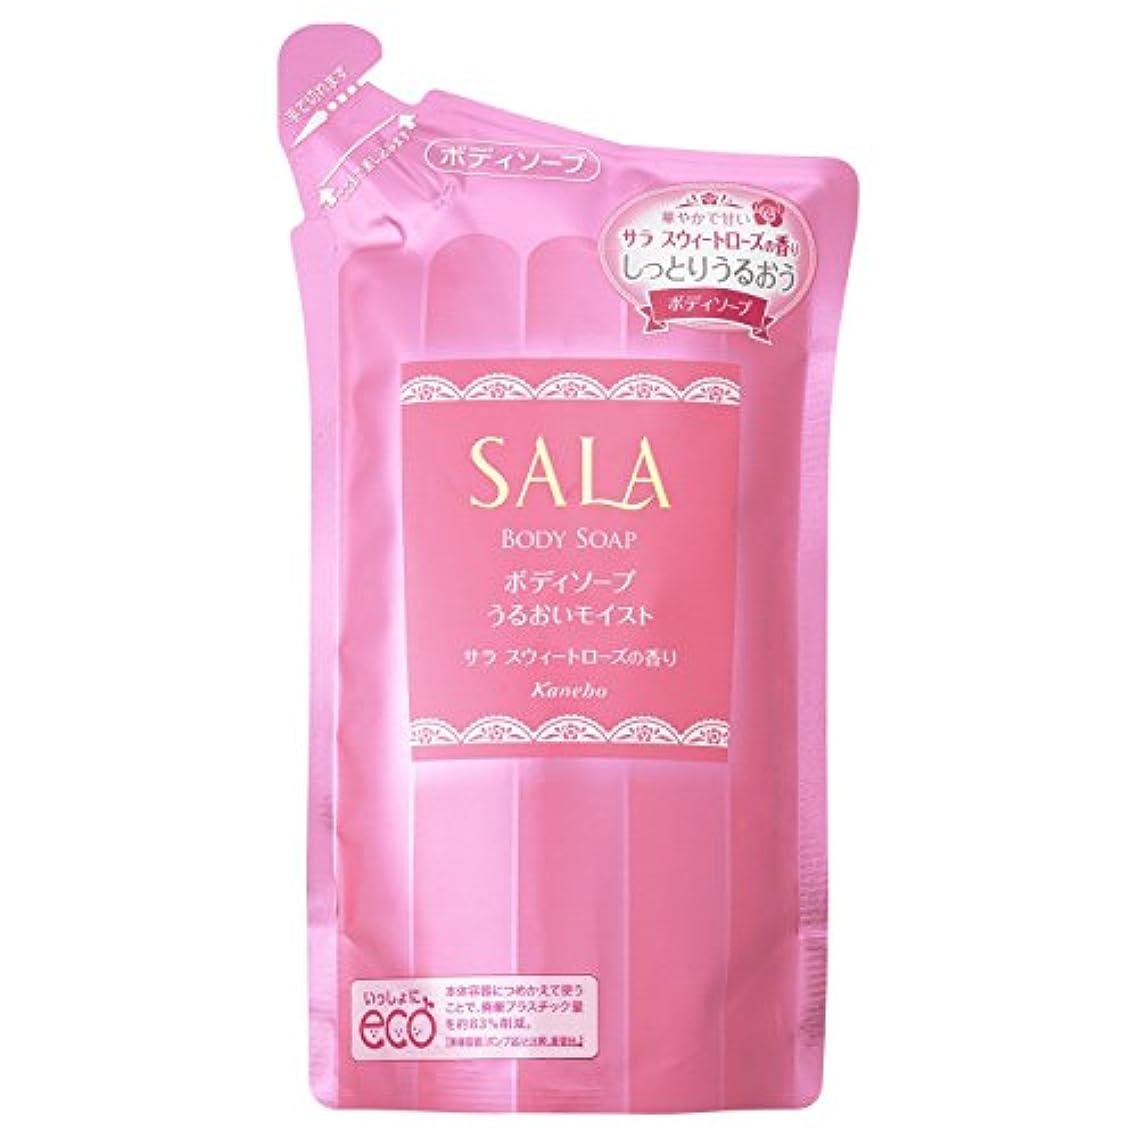 に向けて出発熟練したパッドサラ ボディソープ うるおいモイスト つめかえ用 サラスウィートローズの香り